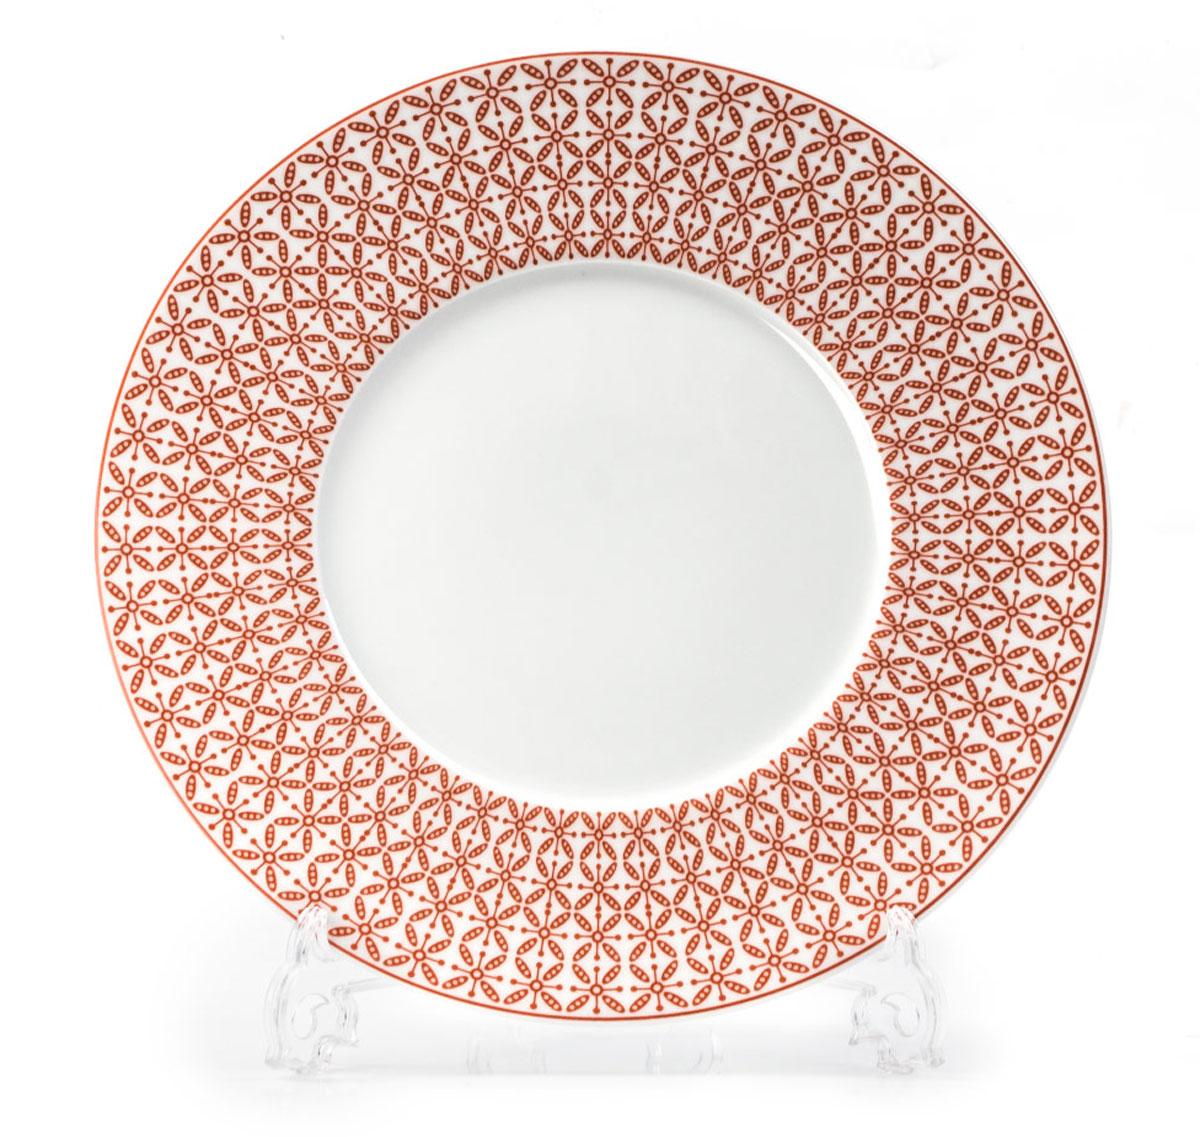 Тарелка La Rose des Sables Ажур, цвет: красный, белый, диаметр 27 см830127 2301Тарелка La Rose des Sables Ажур выполнена из высококачественного тунисского фарфора, изготовленного из уникальной белой глины. На всех изделиях La Rose des Sables можно увидеть маркировку Pate de Limoges. Это означает, что сырье для изготовления фарфора добывают во французской провинции Лимож, и качество соответствует высоким европейским стандартам. Все производство расположено в Тунисе. Особые свойства этой глины, открытые еще в 18 веке, позволяют создать удивительно тонкую, легкую и при этом прочную посуду. Благодаря двойному термическому обжигу фарфор обладает высокой ударопрочностью, стойкостью к сколам и трещинам, жаропрочностью и великолепным блеском глазури. Коллекция Ажур - это изысканная классика, дополненная красивым орнаментом по всей поверхности. Эта фарфоровая посуда станет настоящим украшением вашего стола. Прекрасный вариант как для праздничной, так и для повседневной сервировки стола. Можно использовать в СВЧ печи и мыть в посудомоечной машине.